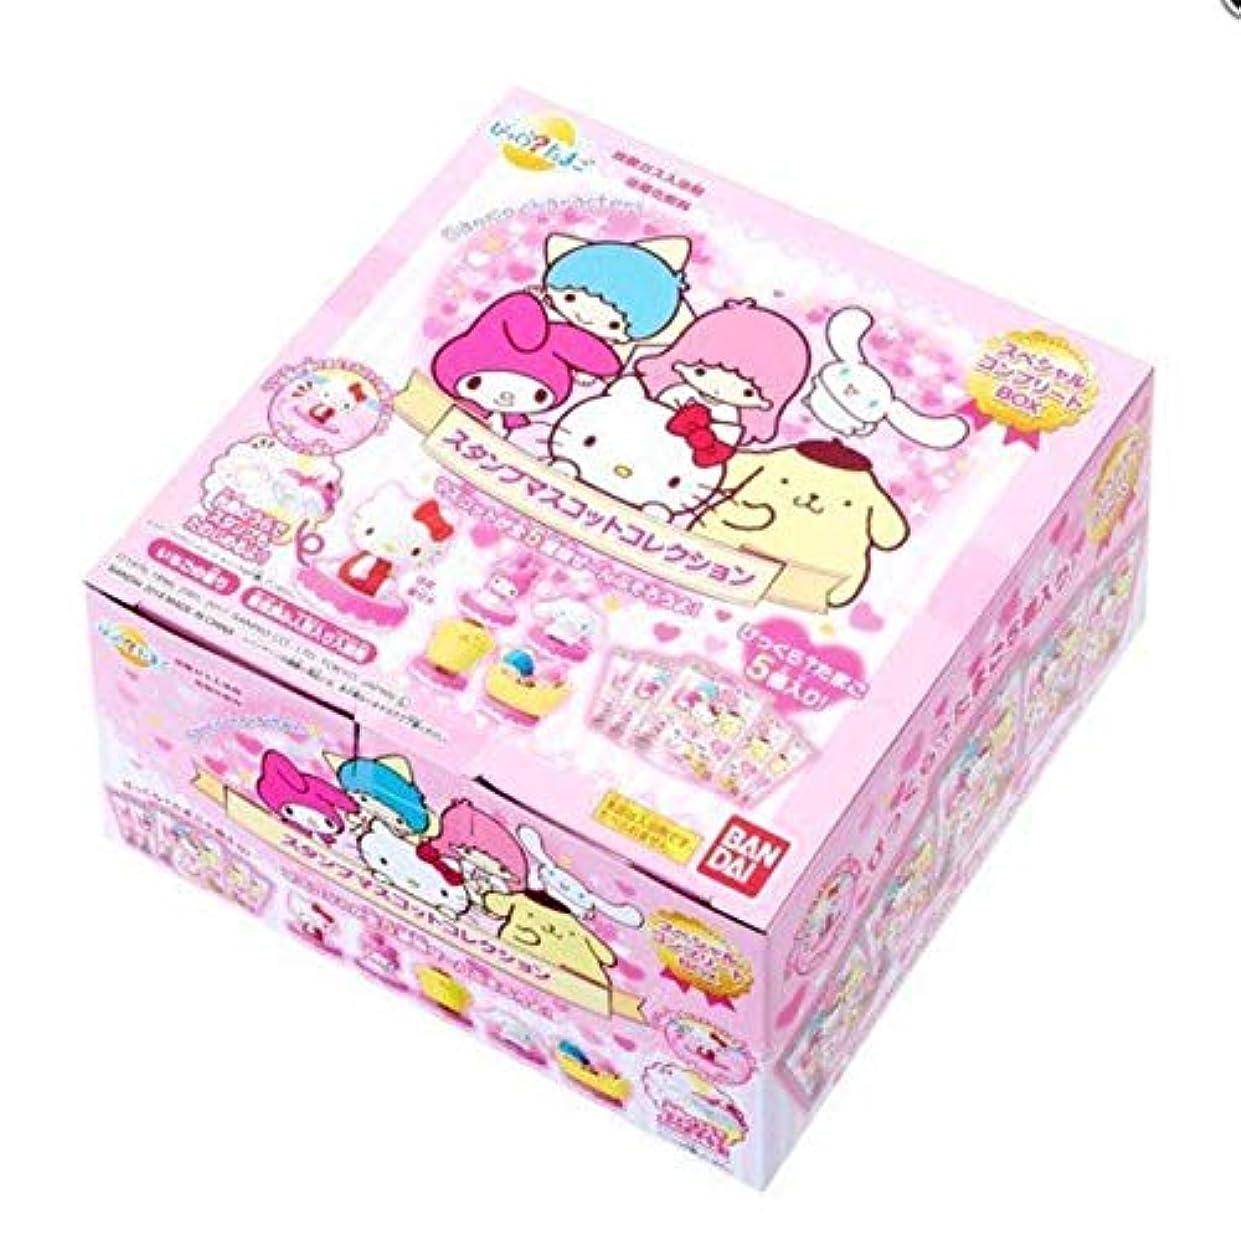 引き潮ゆり上向きびっくら?たまご サンリオキャラクターズ スタンプマスコットコレクション スペシャルコンプリートBOX